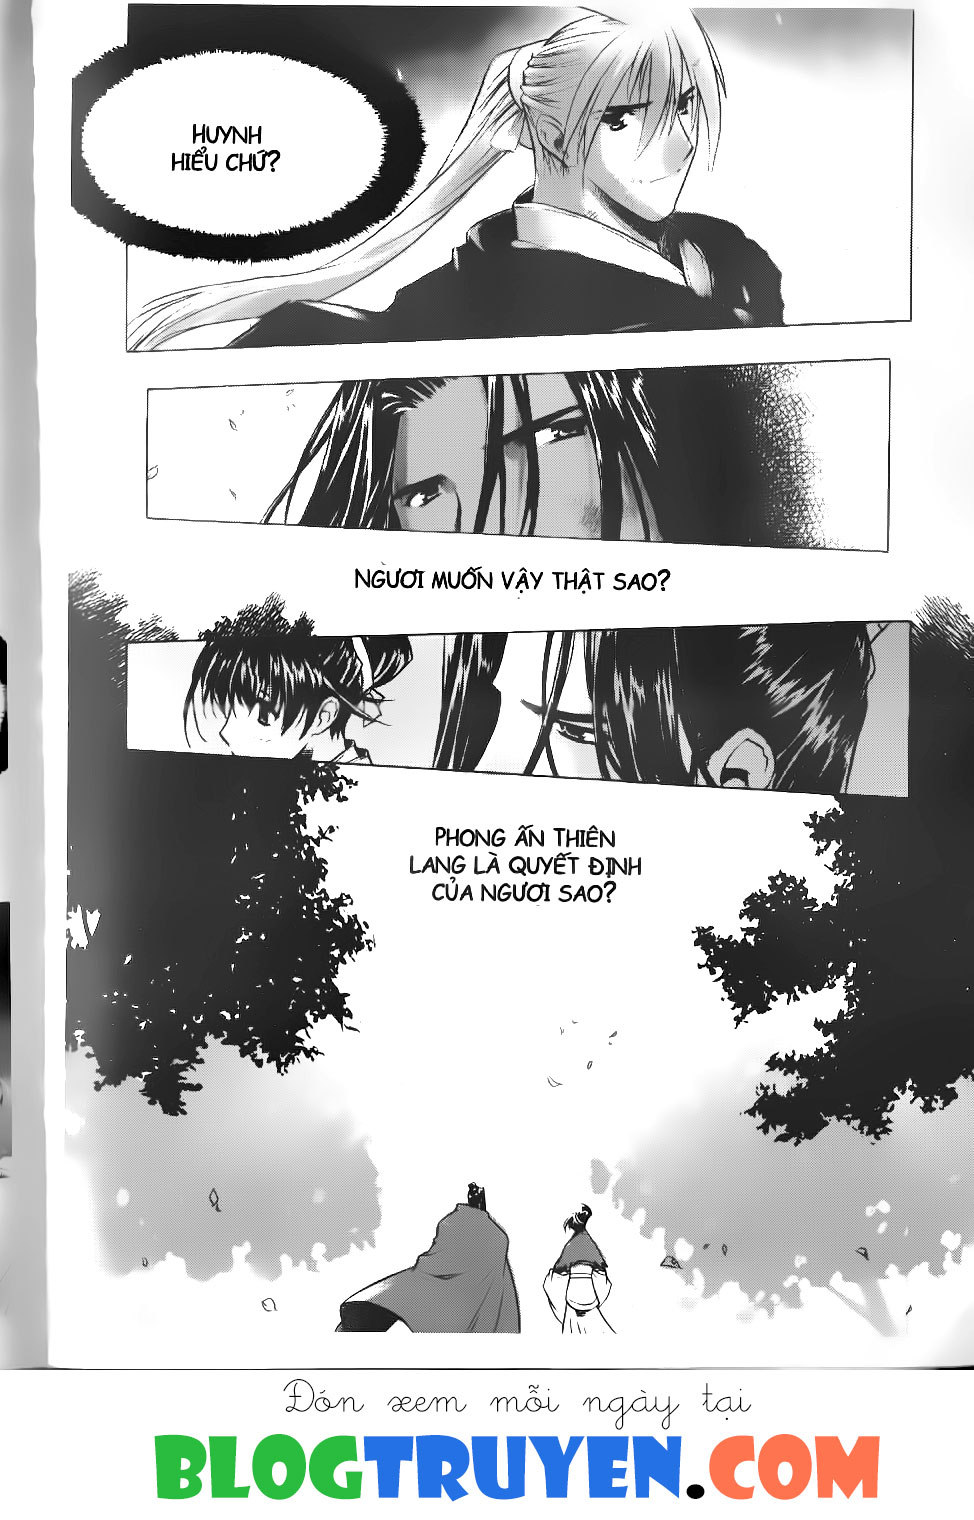 Thiên Lang Liệt Truyện chap 123 – Kết thúc Trang 14 - Mangak.info